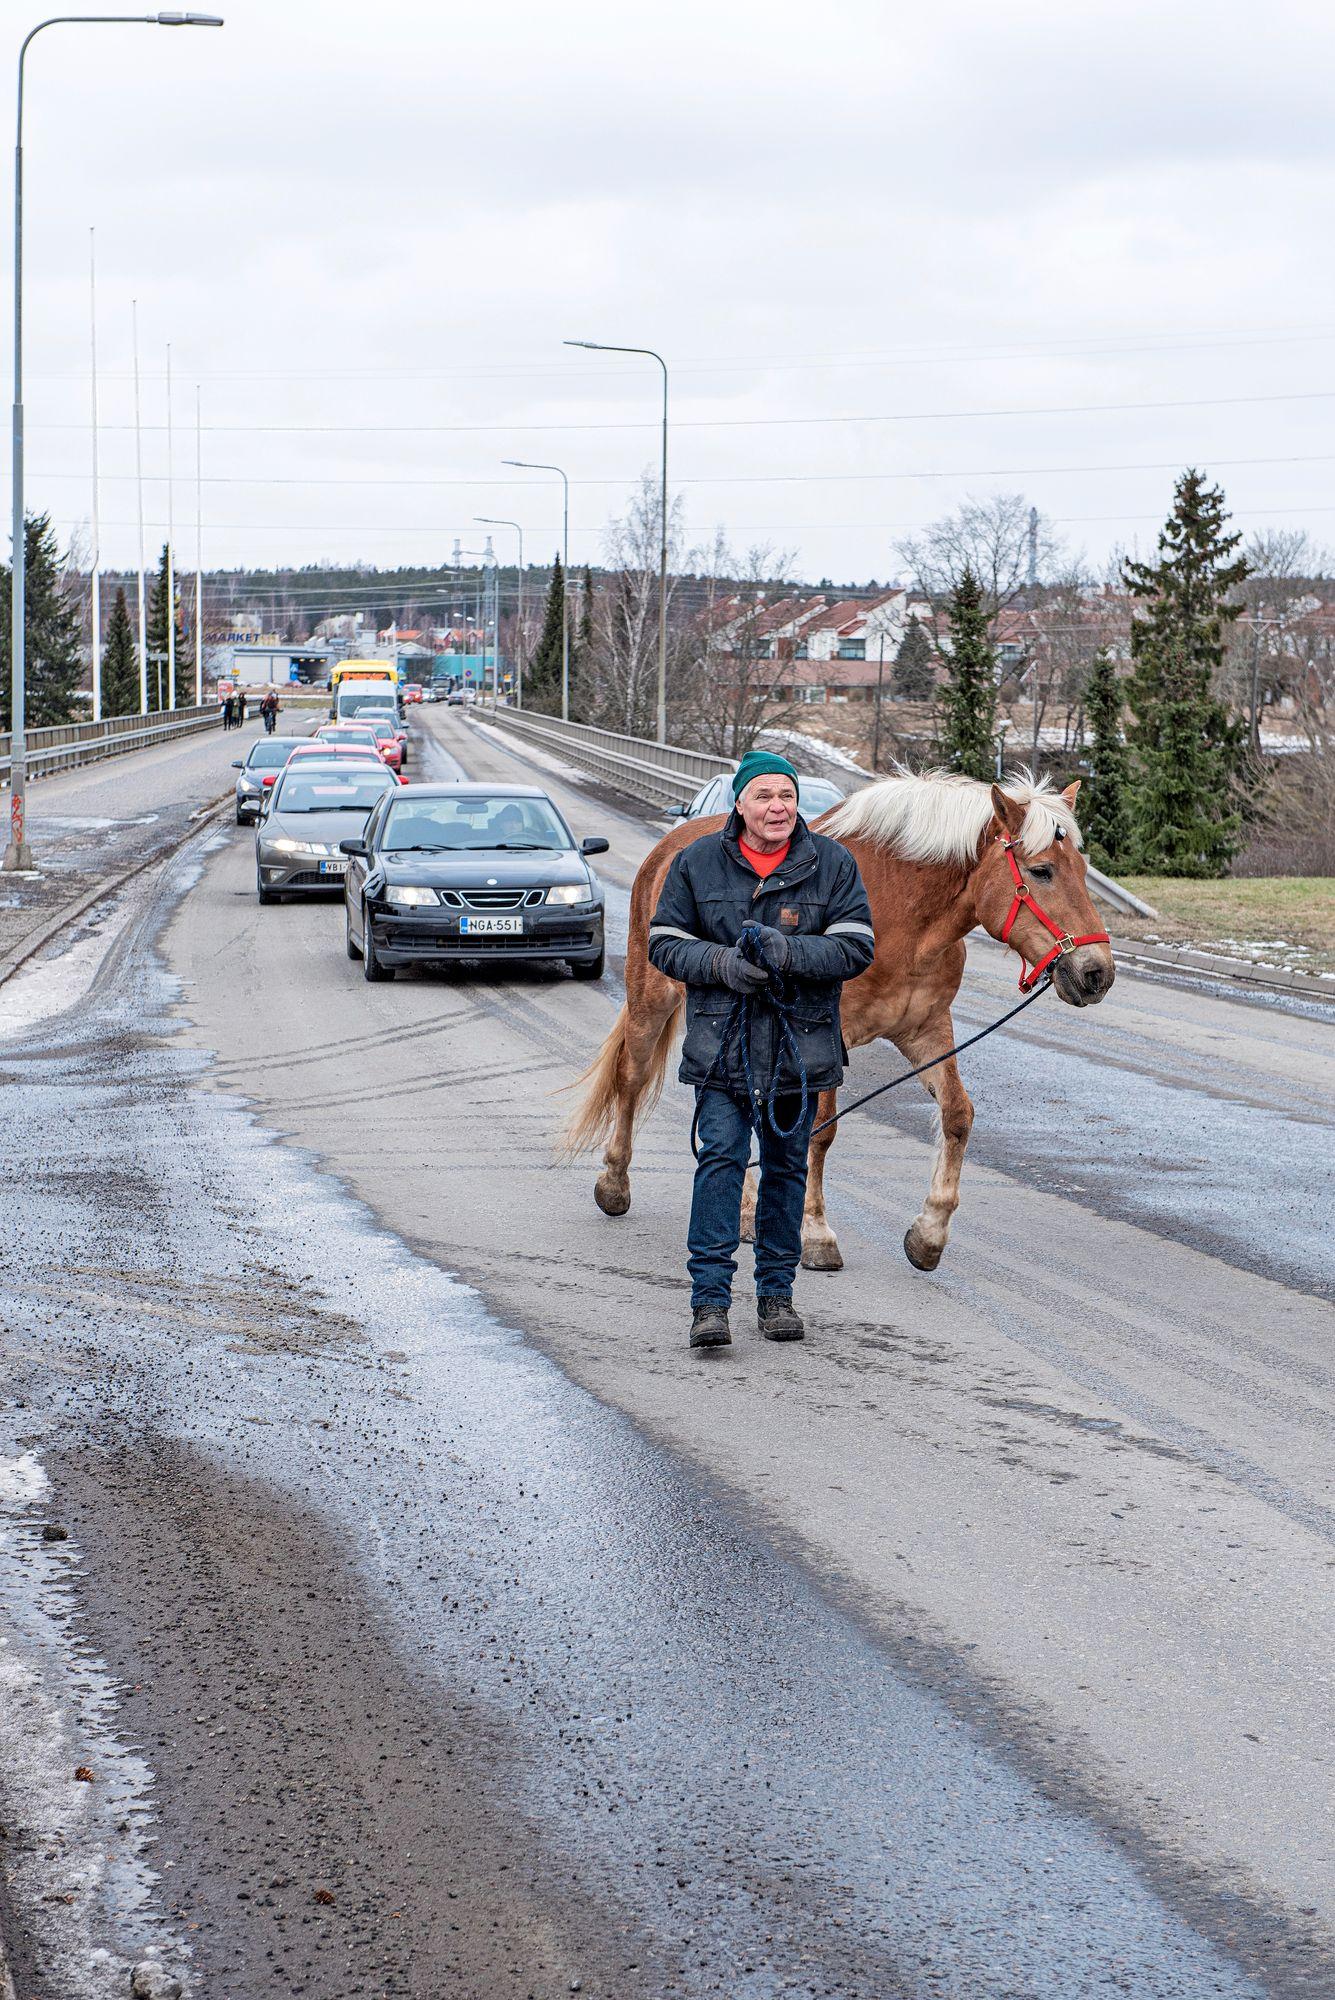 Mitä pitemmälle matka etenee, sitä pitemmäksi kasvaa jono Kullannupun ja Heikki Mikolan takana. © Vesa Tyni